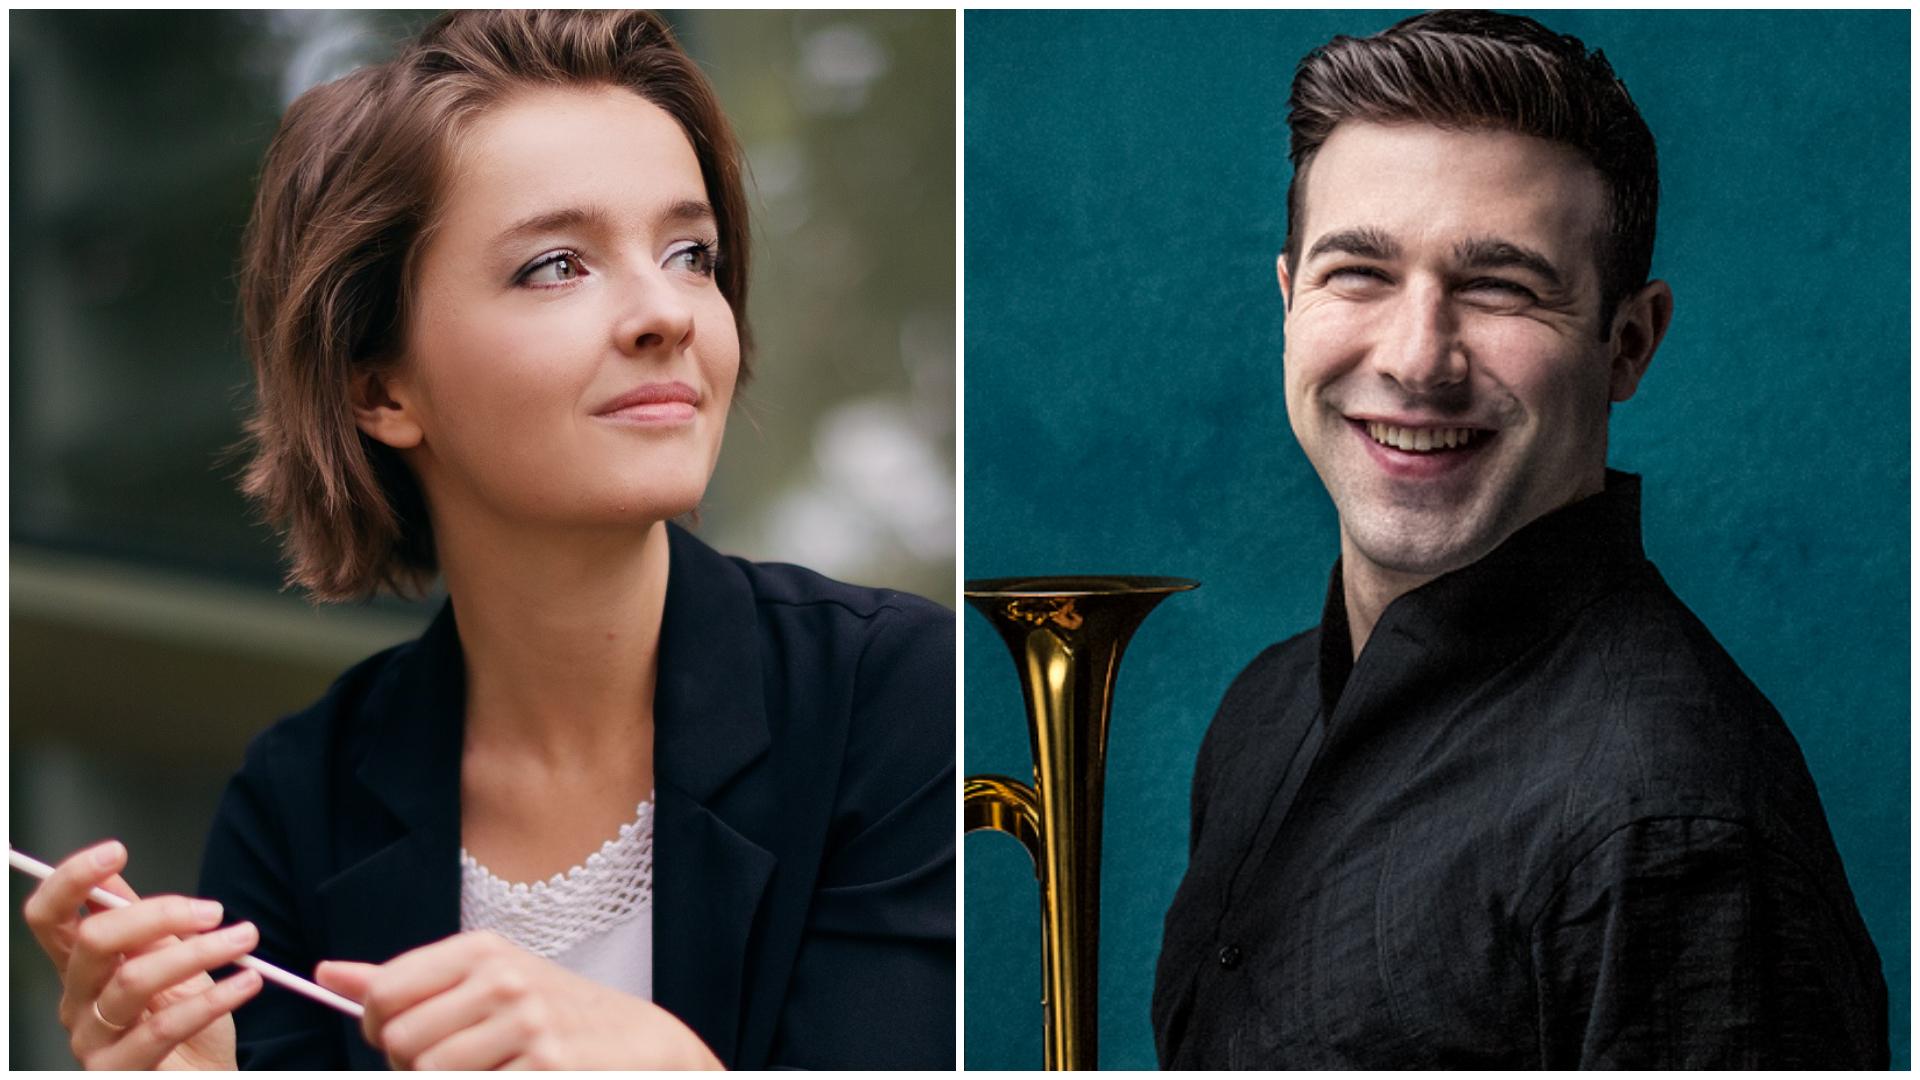 La Escuela Superior de Música Reina Sofía inaugura el curso con Pablo Heras-Casado